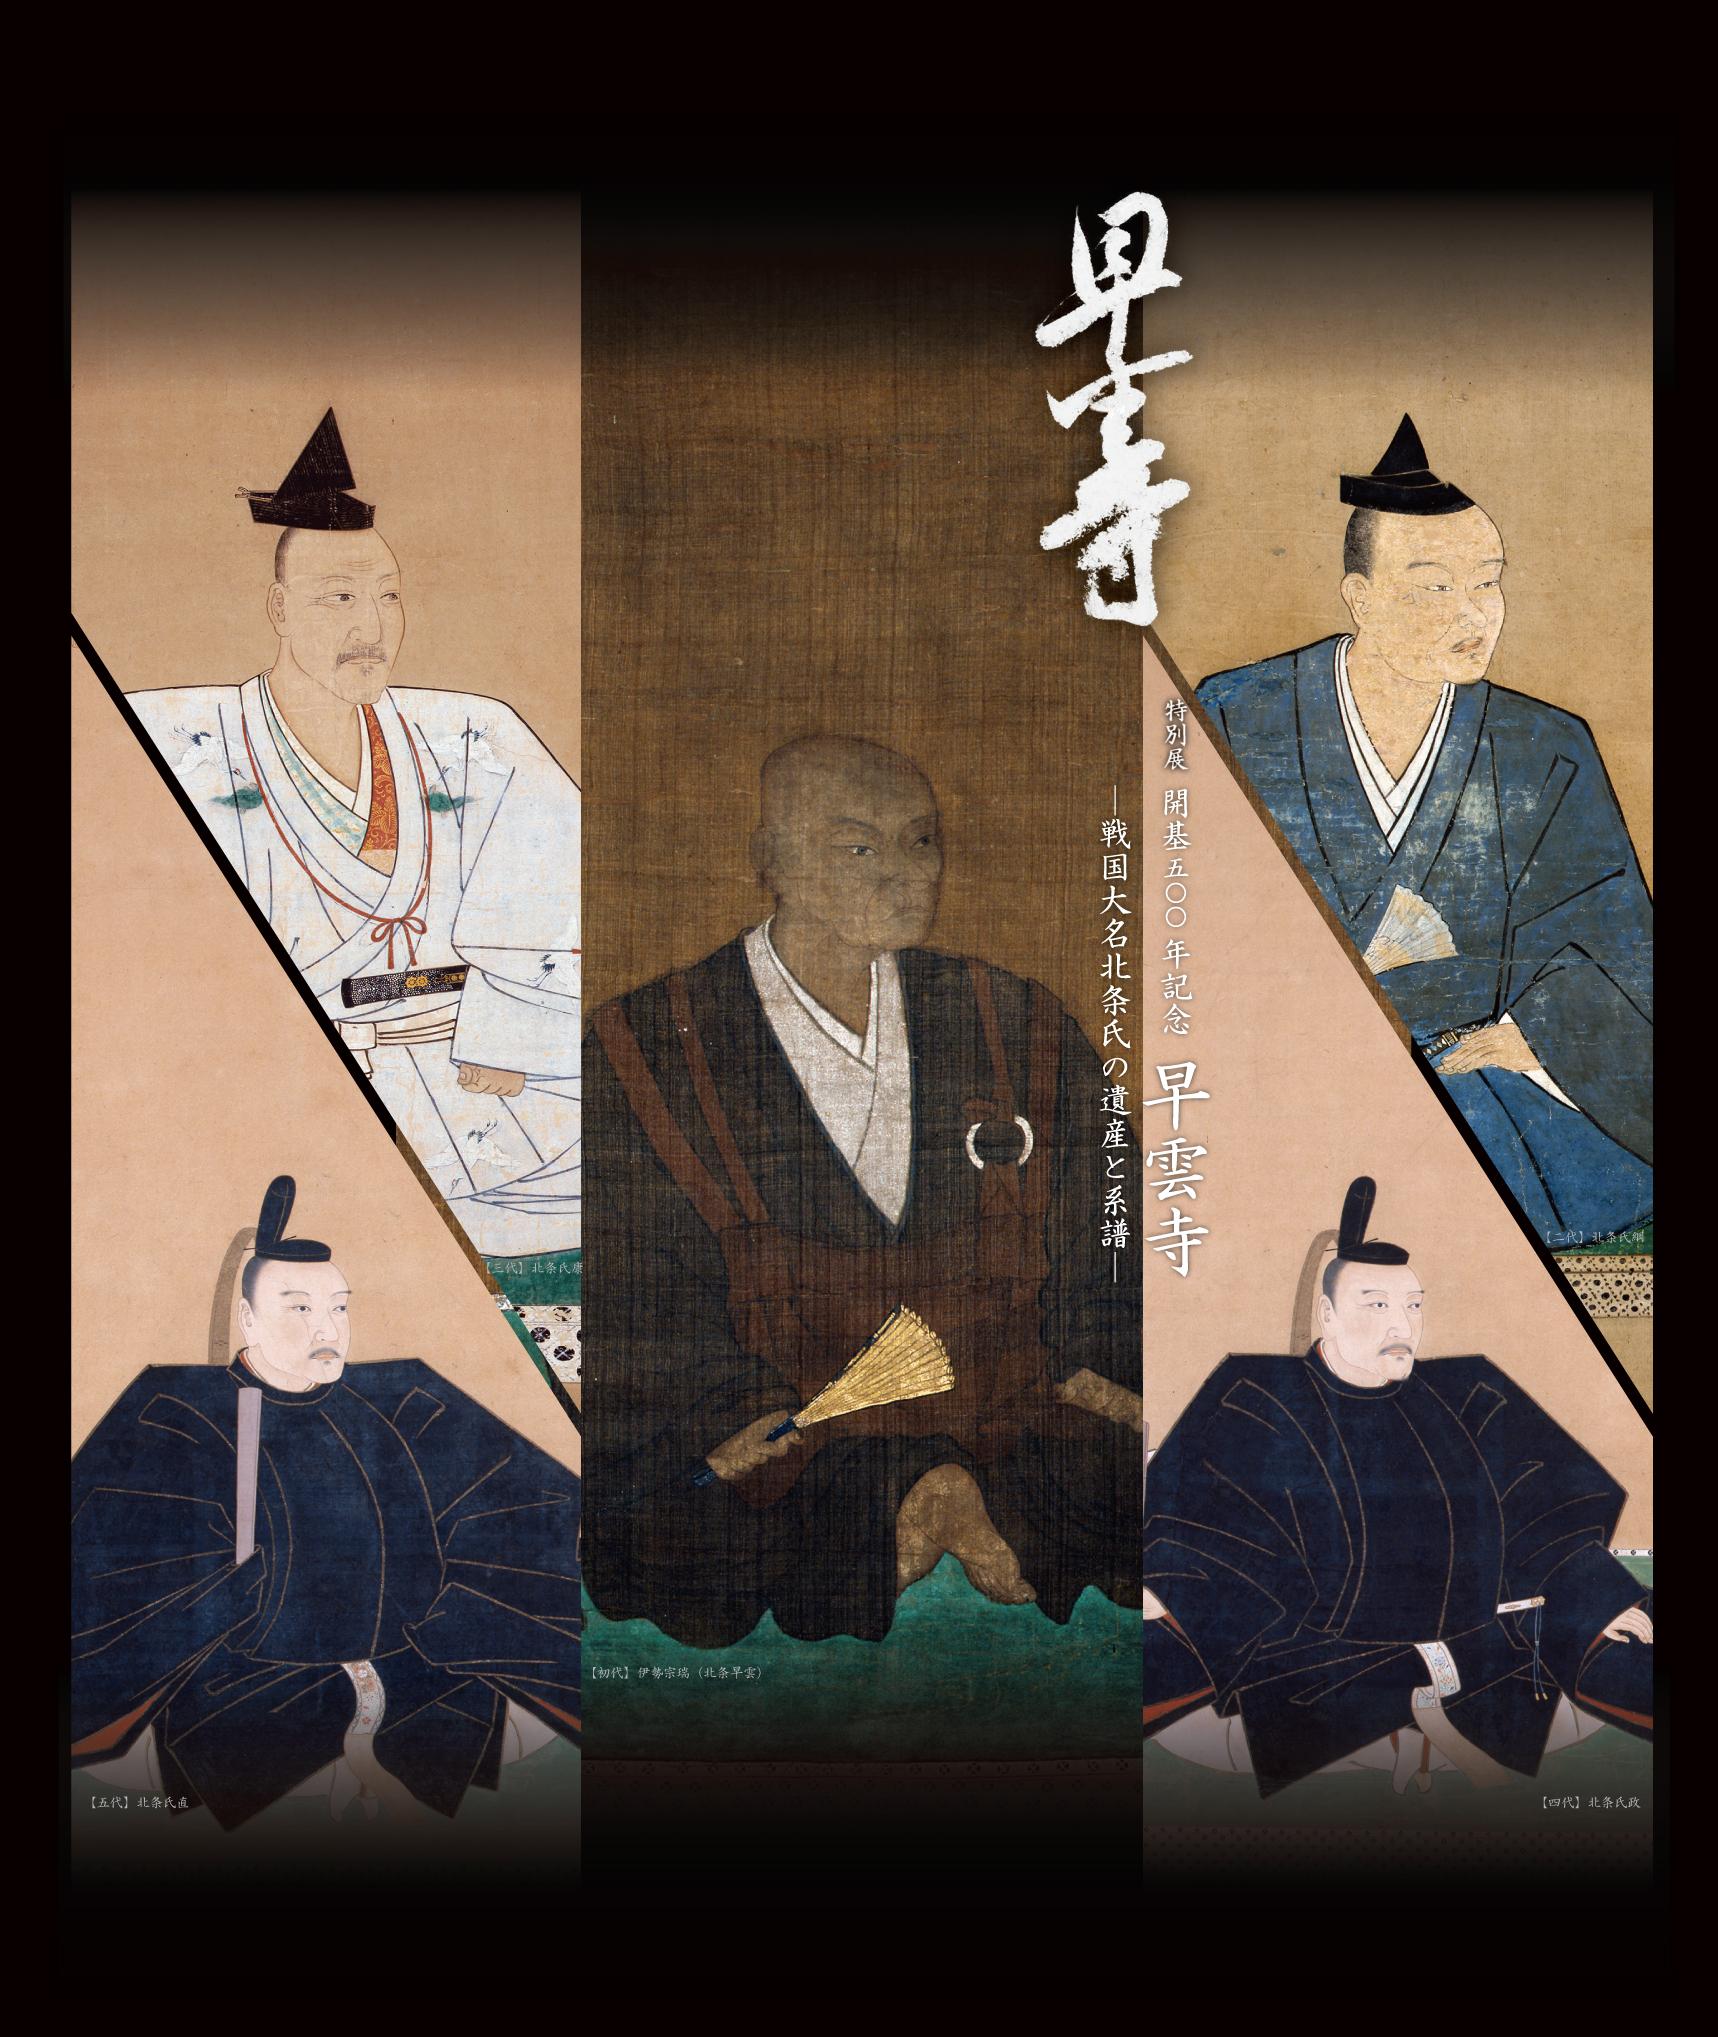 10月31日(日)tvk カナフルTV18:00~  特集 「開基500周年!早雲寺の歴史を探れ!!」 で当館の特別展「早雲寺」が紹介されます!